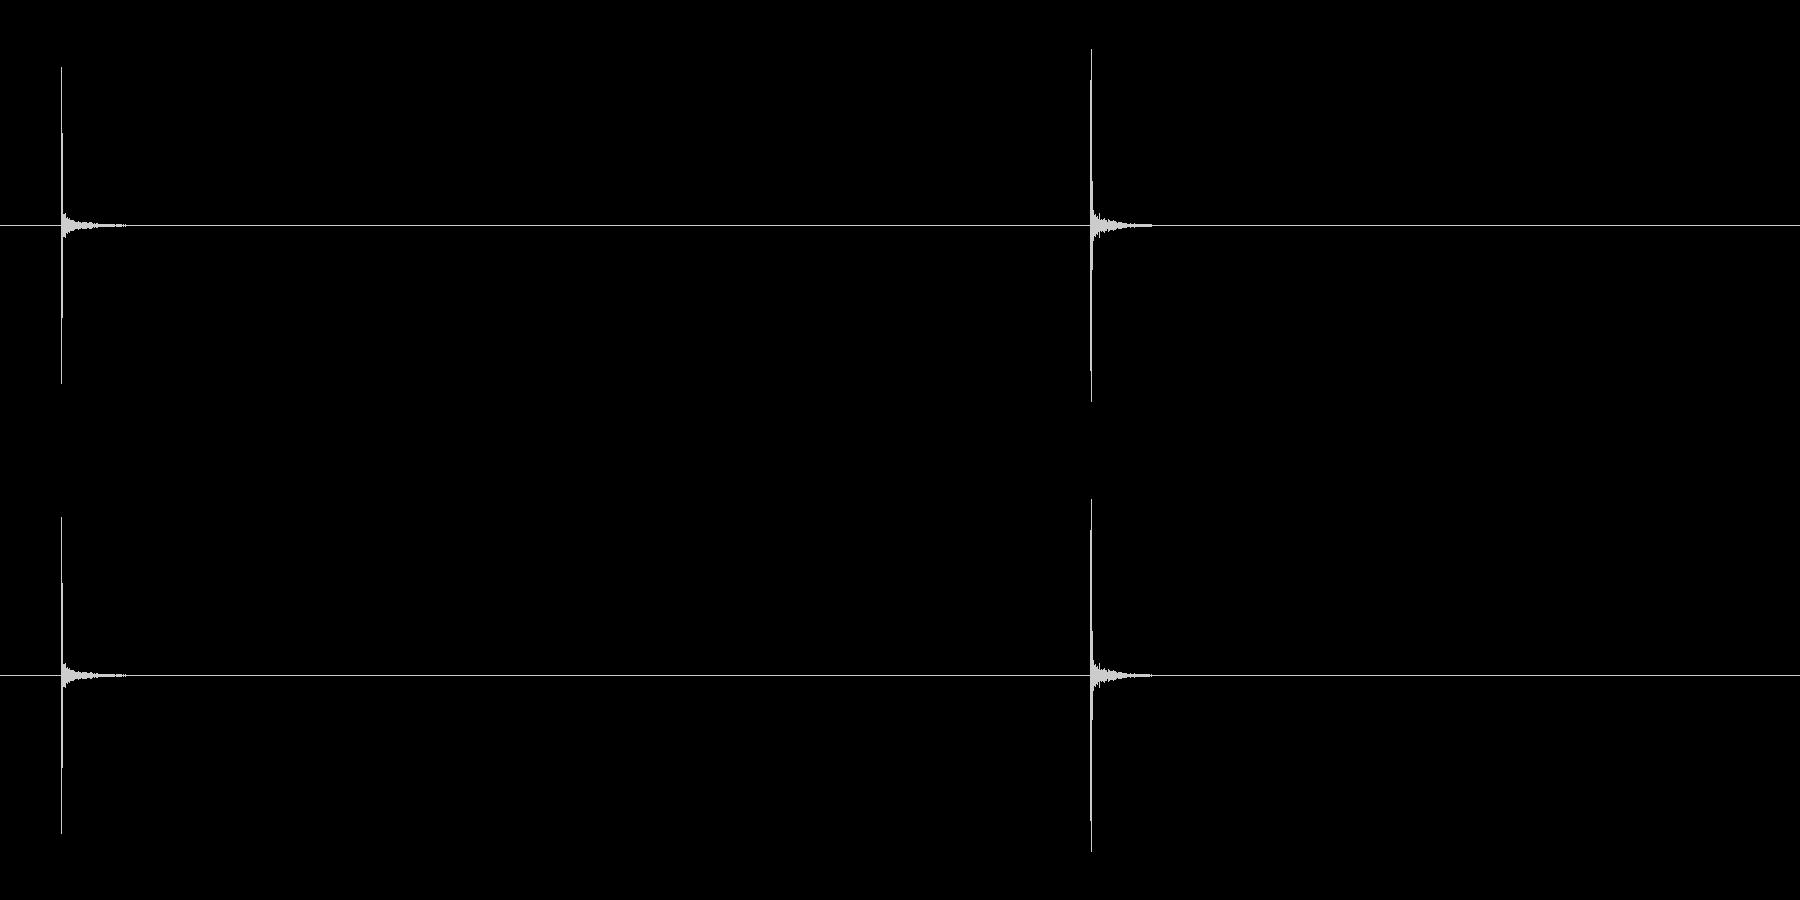 ペンチで線を切る音/カチッの未再生の波形